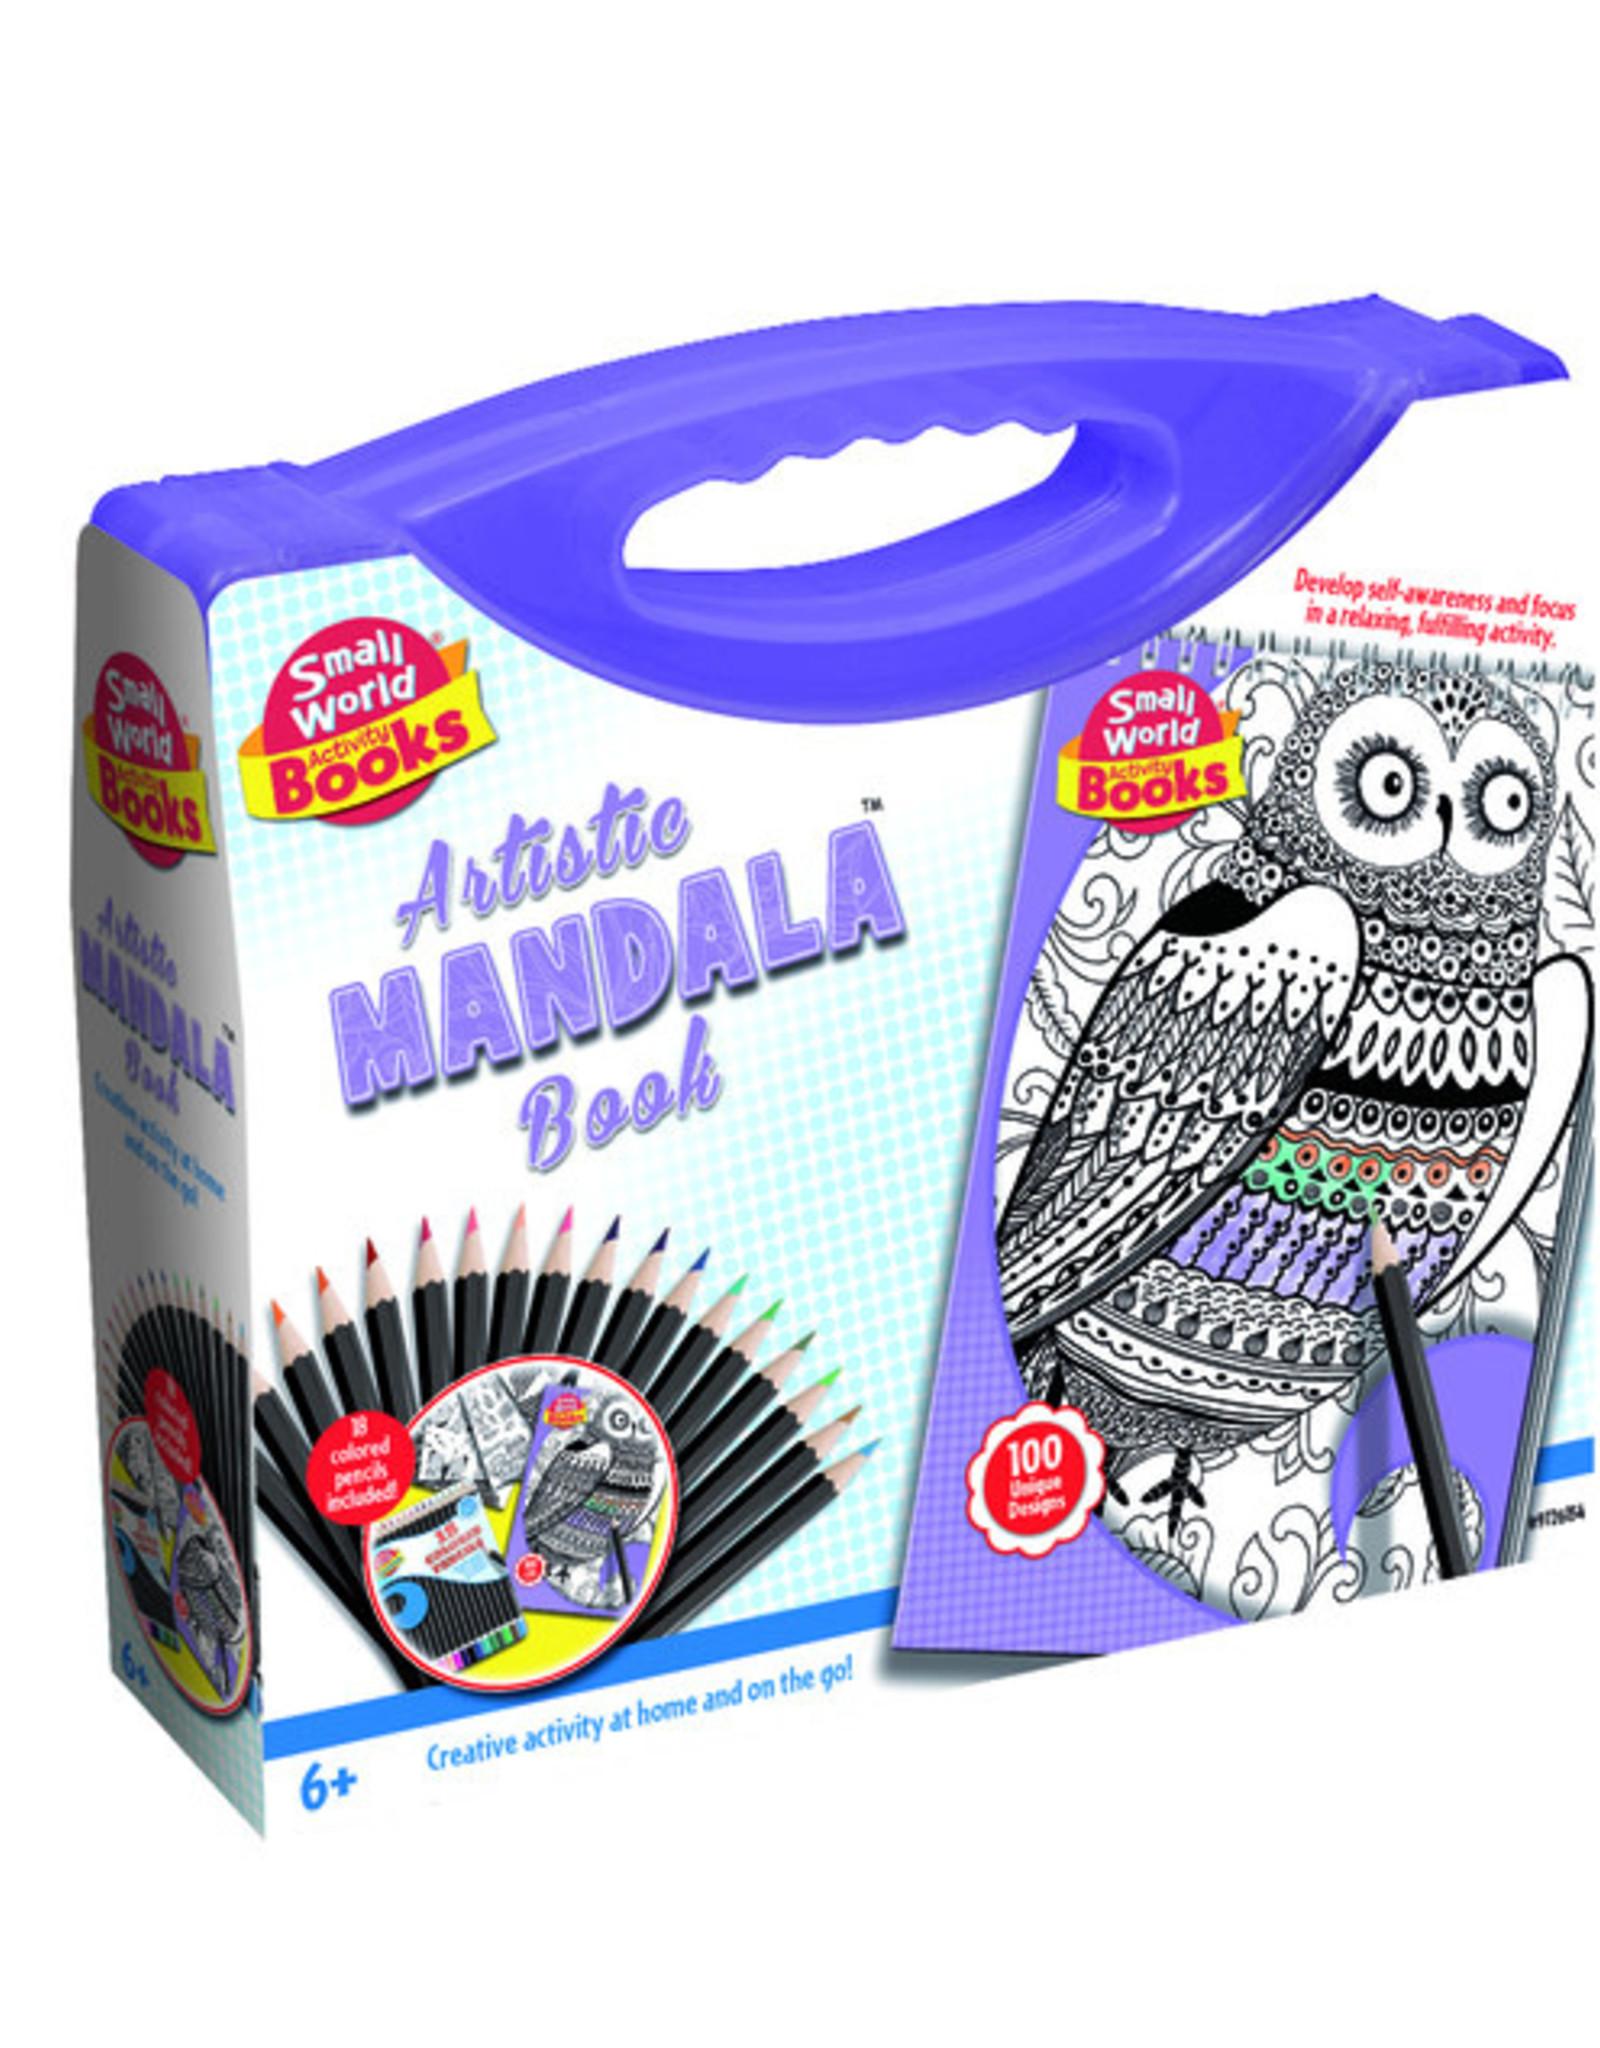 Artistic Mandala Book